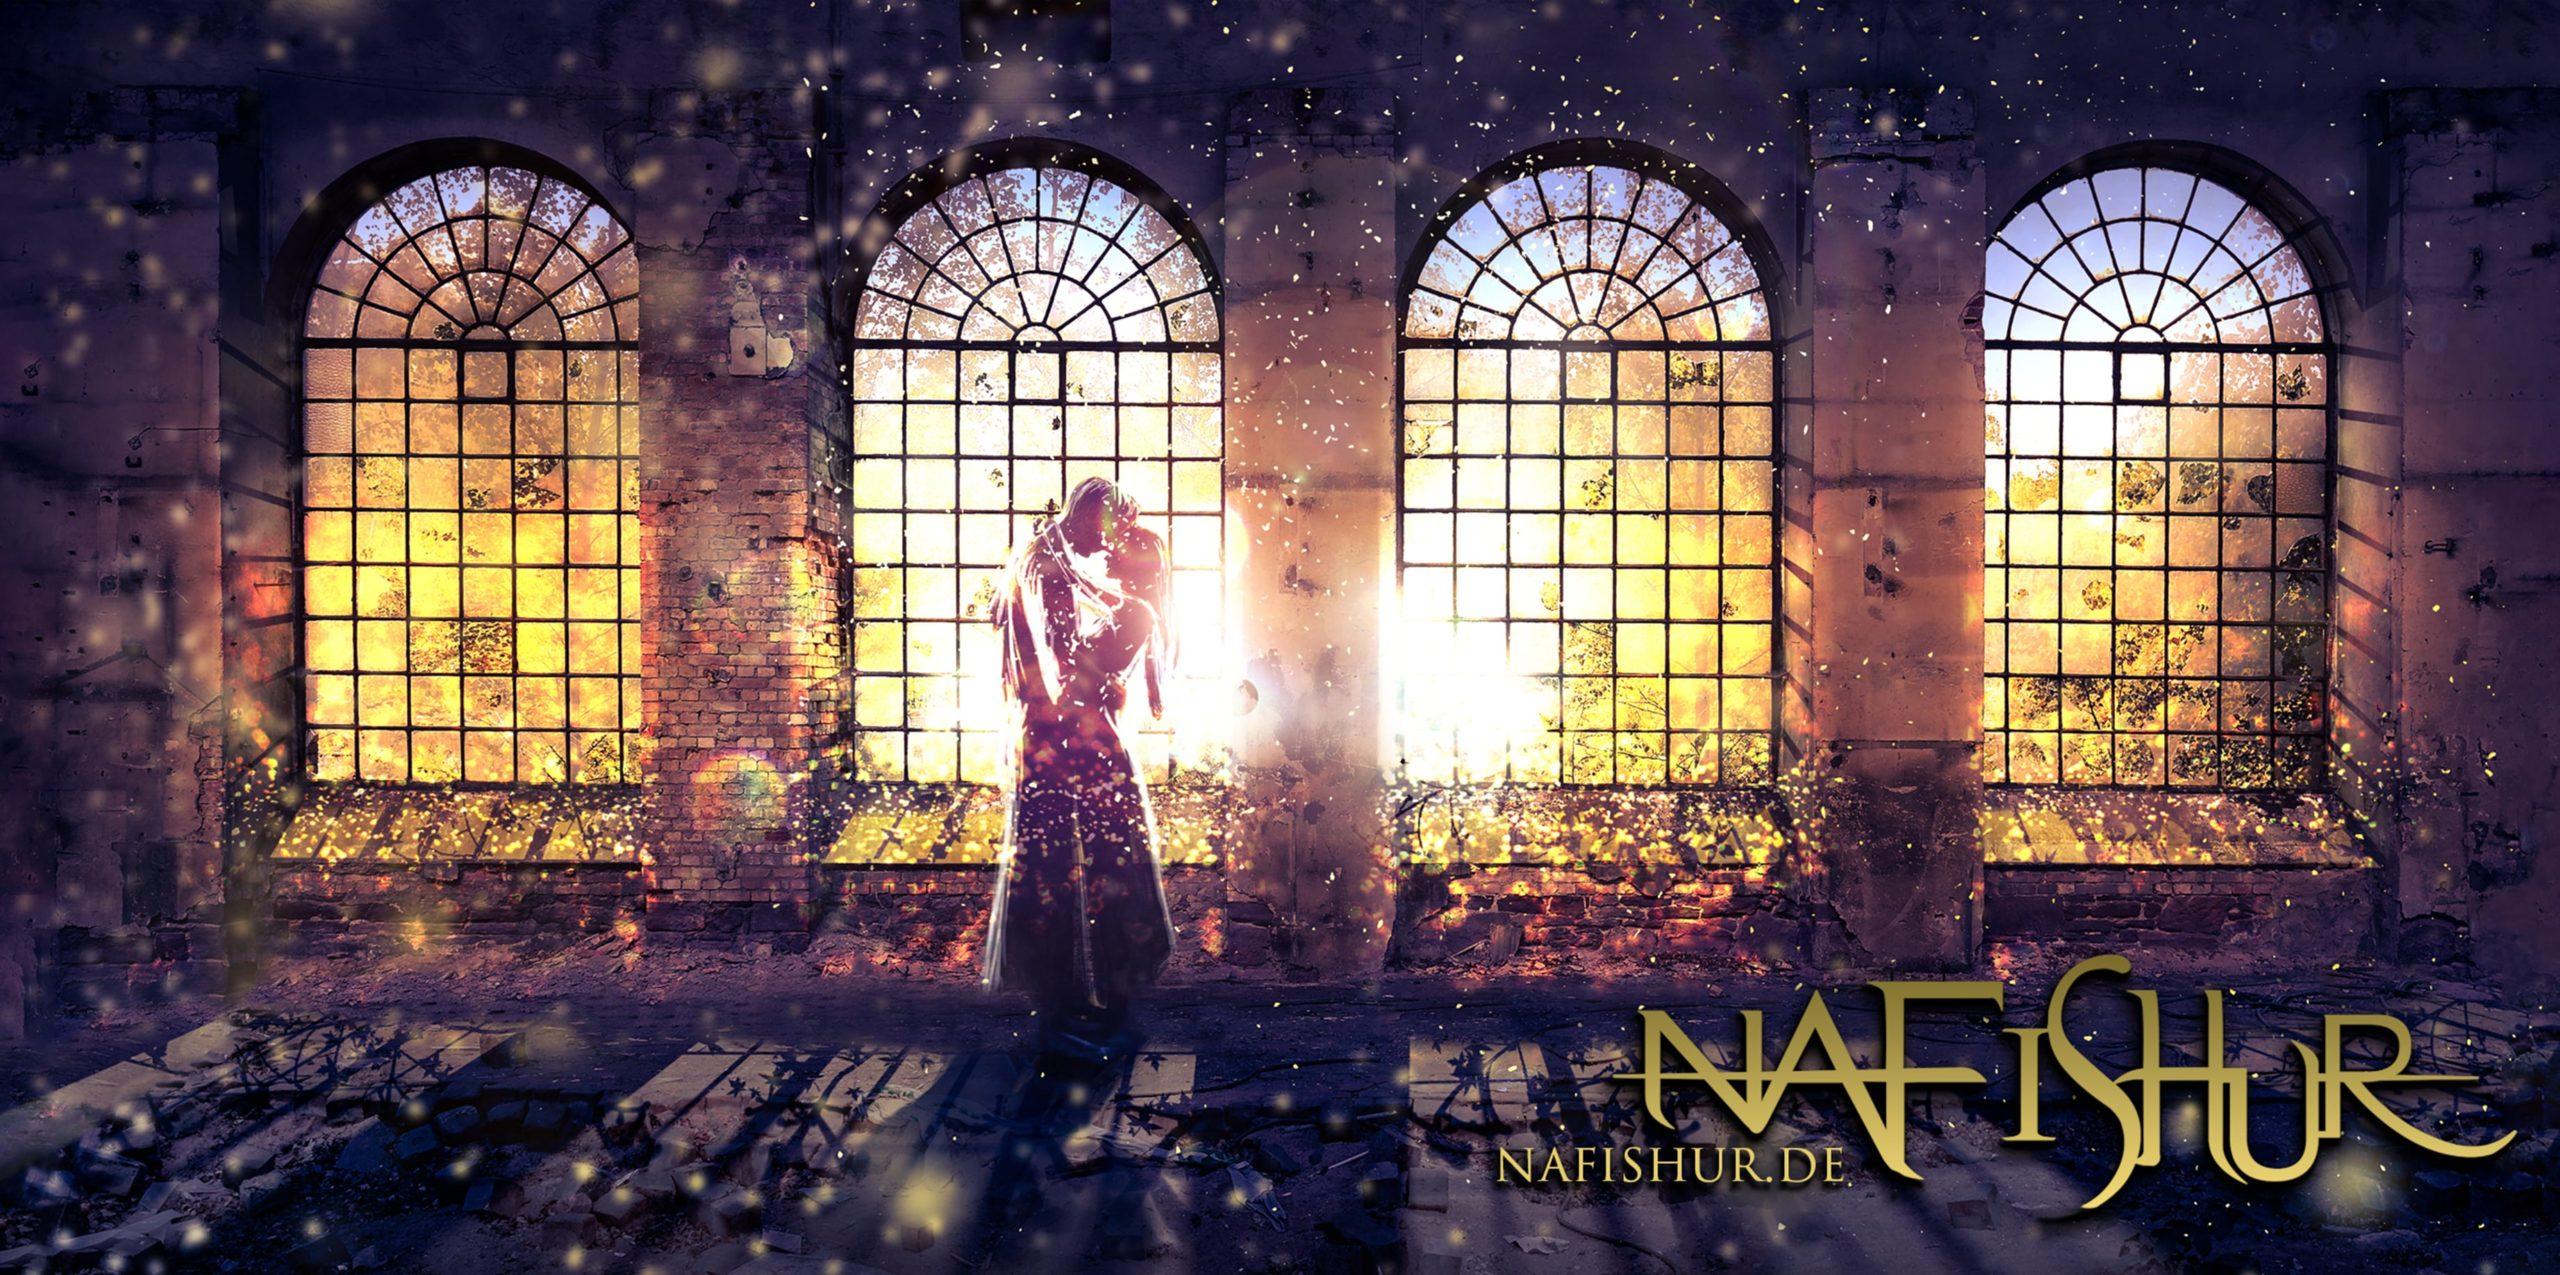 background marycronos world nafishur01 dinga-min